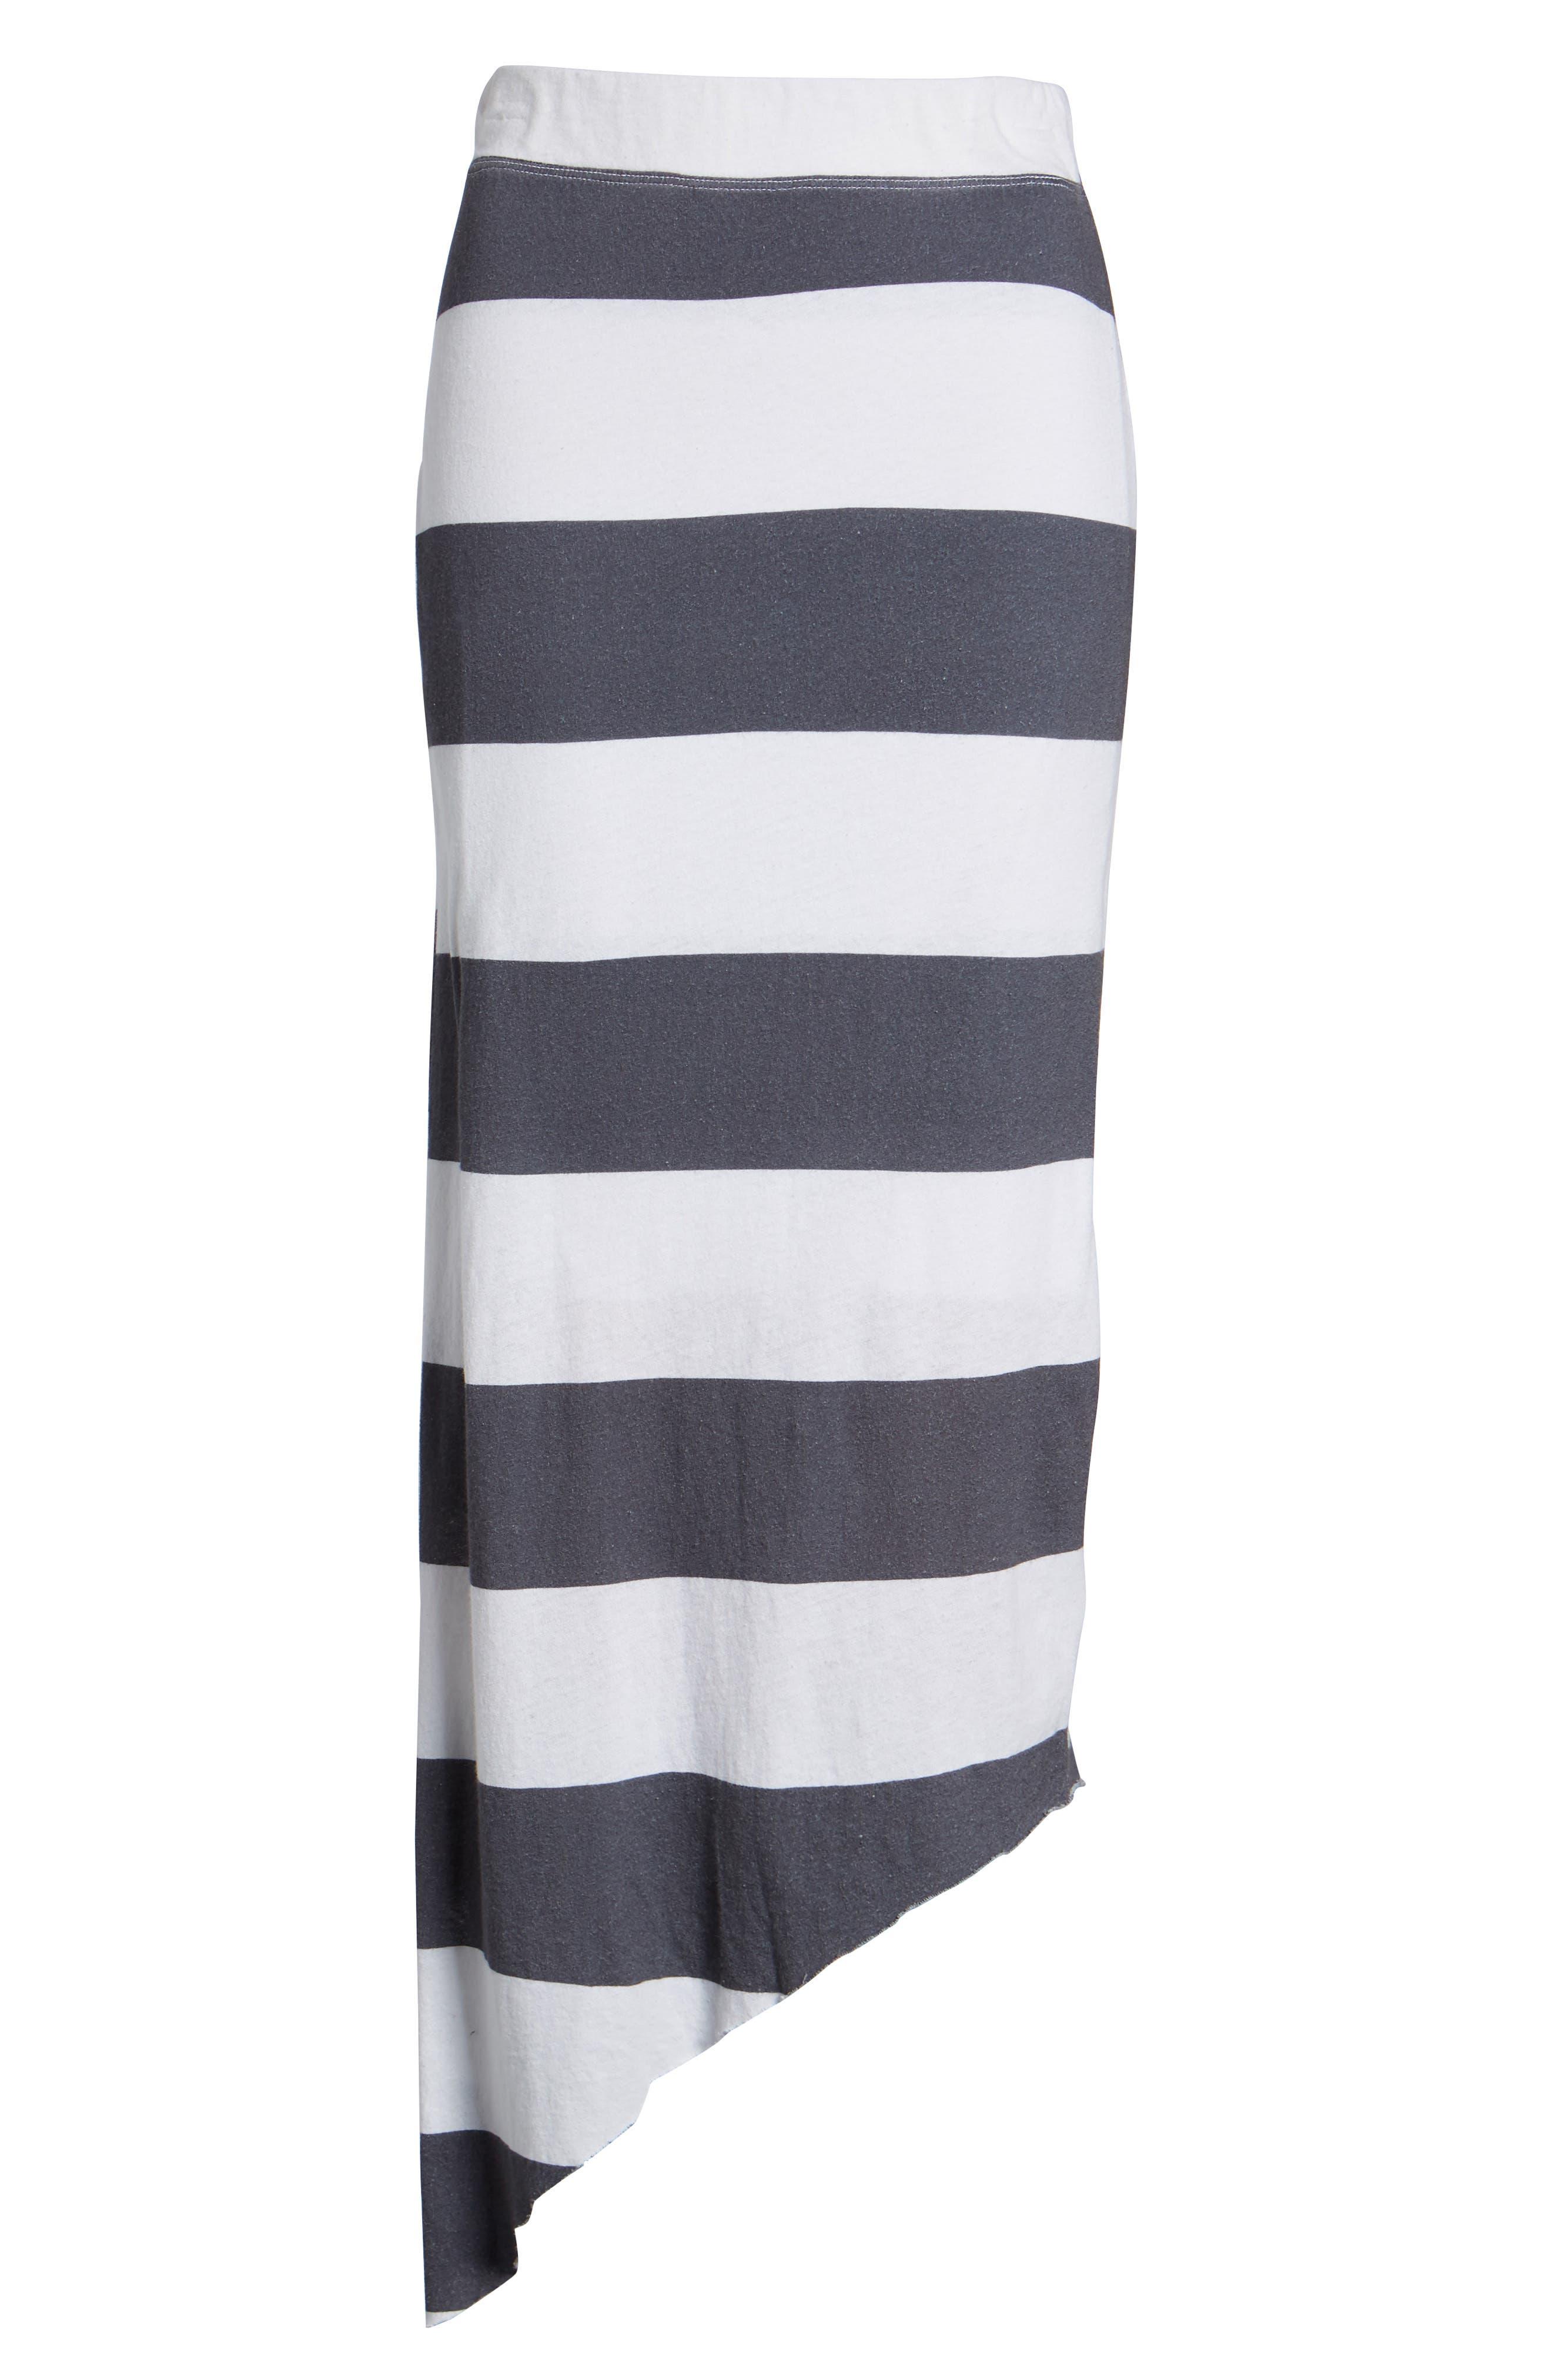 Stripe Asymmetrical Skirt,                             Alternate thumbnail 6, color,                             020